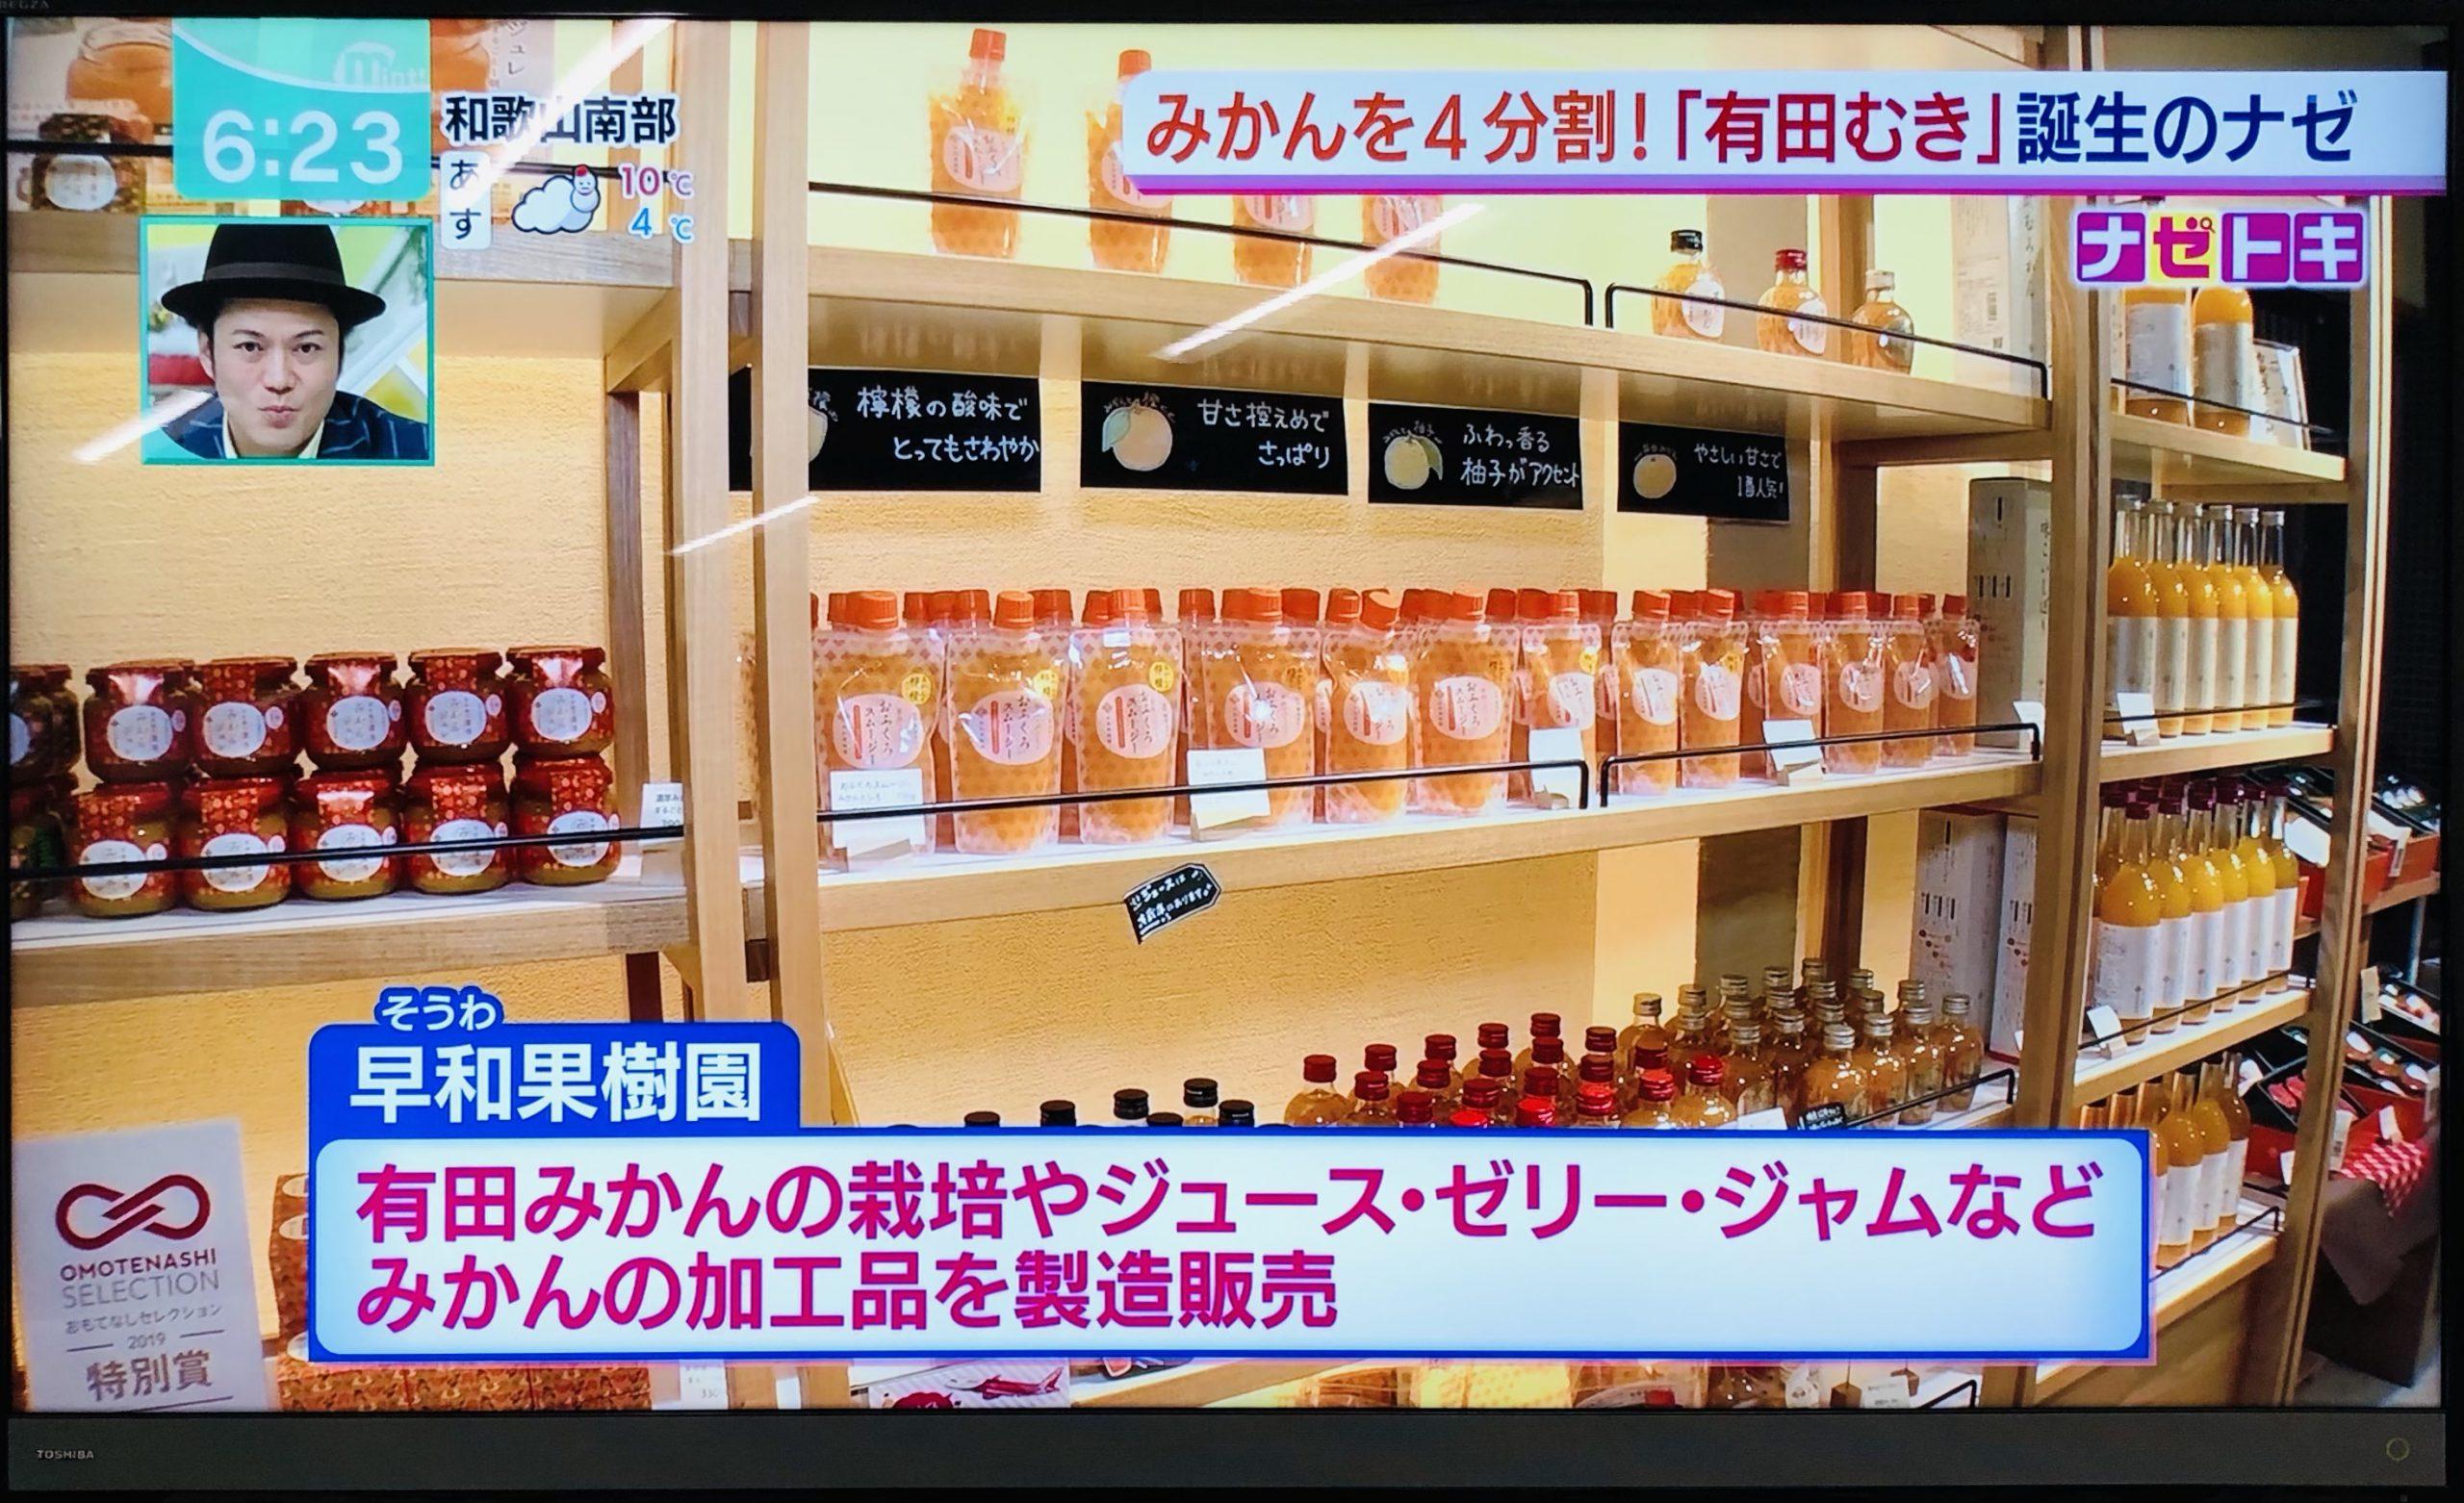 有田みかんの加工品製造を行う早和果樹園の紹介